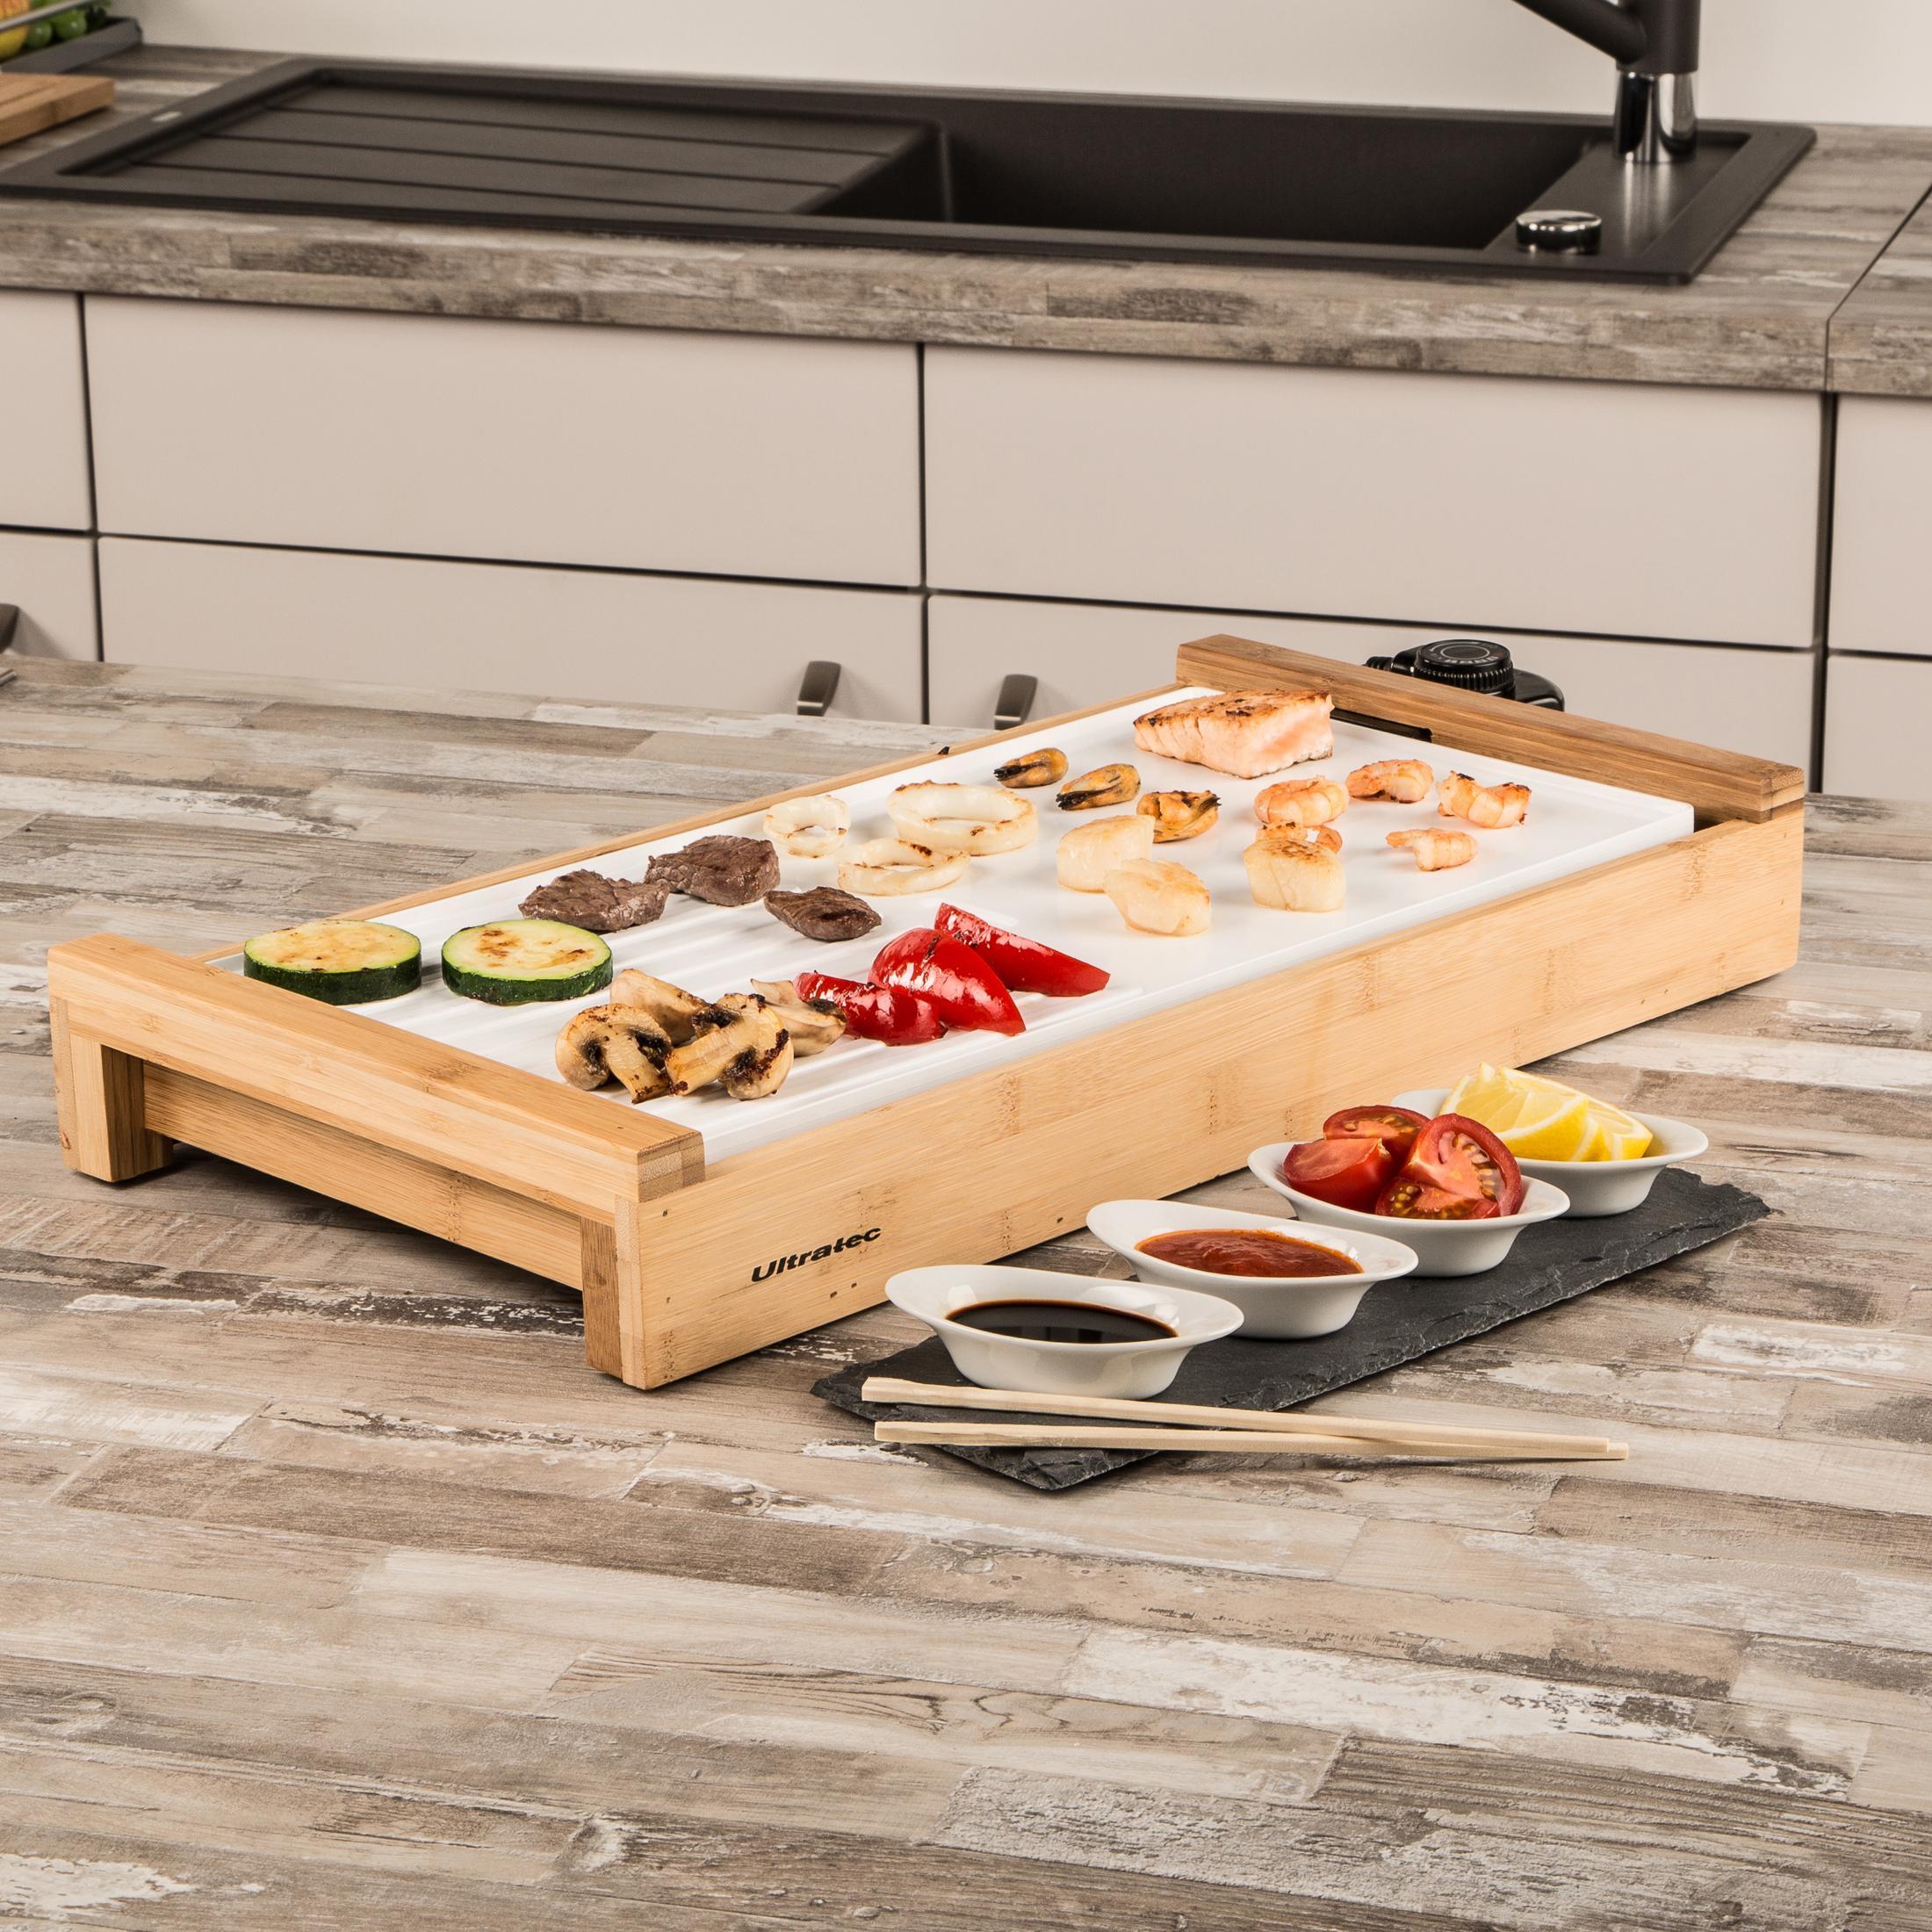 ultratec plaque teppanyaki barbecue de table en c ramique. Black Bedroom Furniture Sets. Home Design Ideas